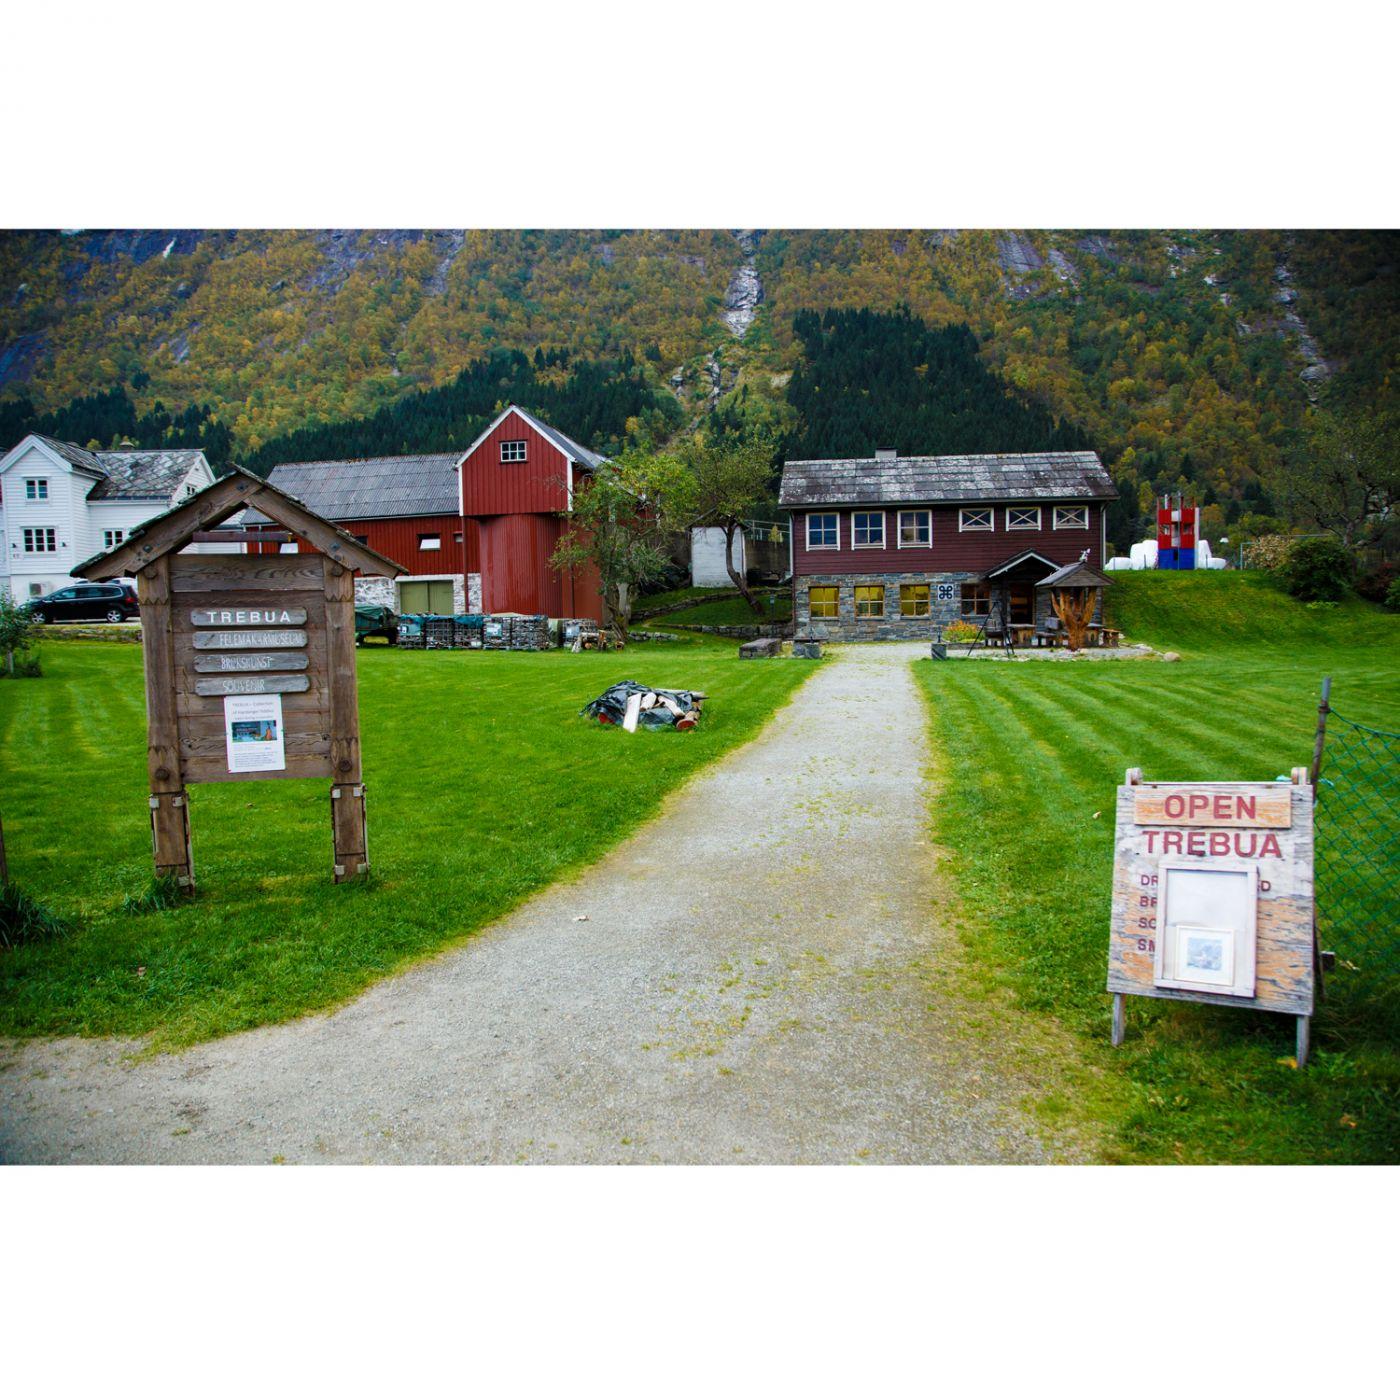 Eidfjord, Norway, Norway